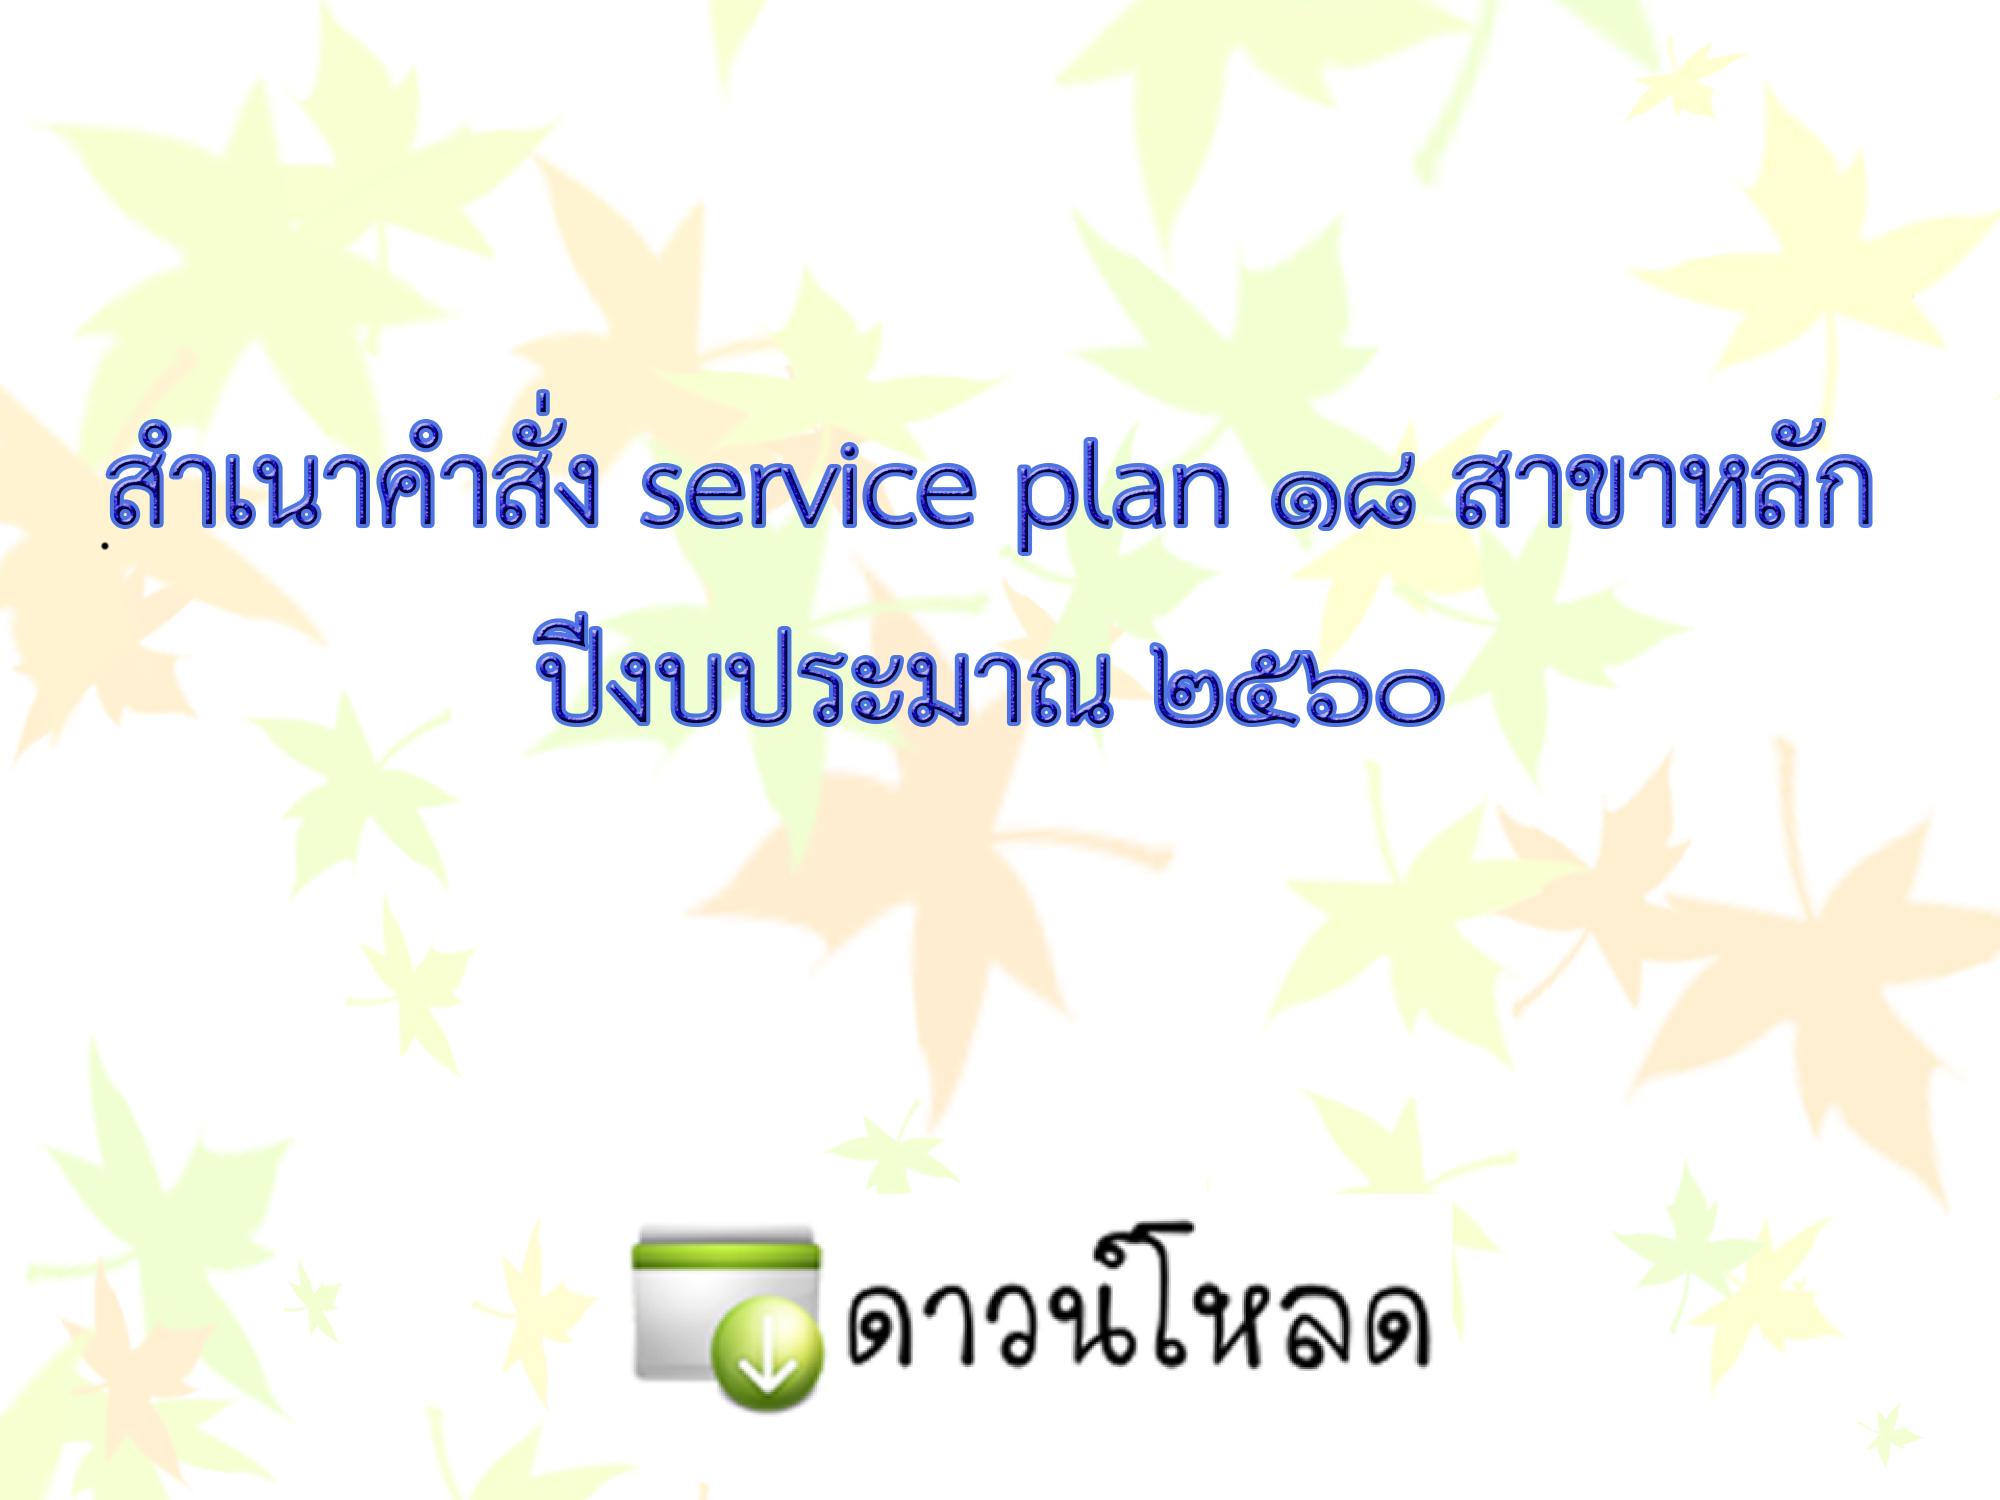 คำสั่ง service plan 18 สาขาหลัก 2560